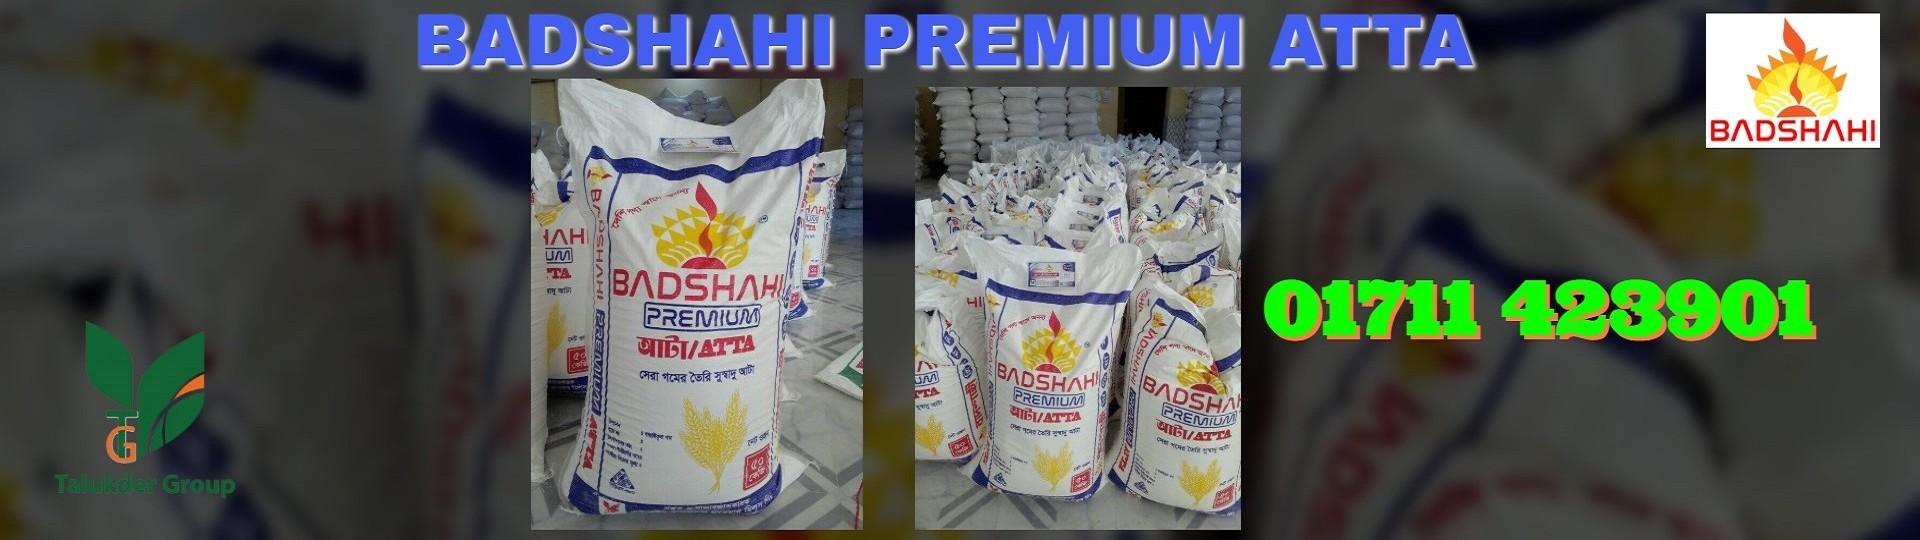 Badshahi Premium Atta